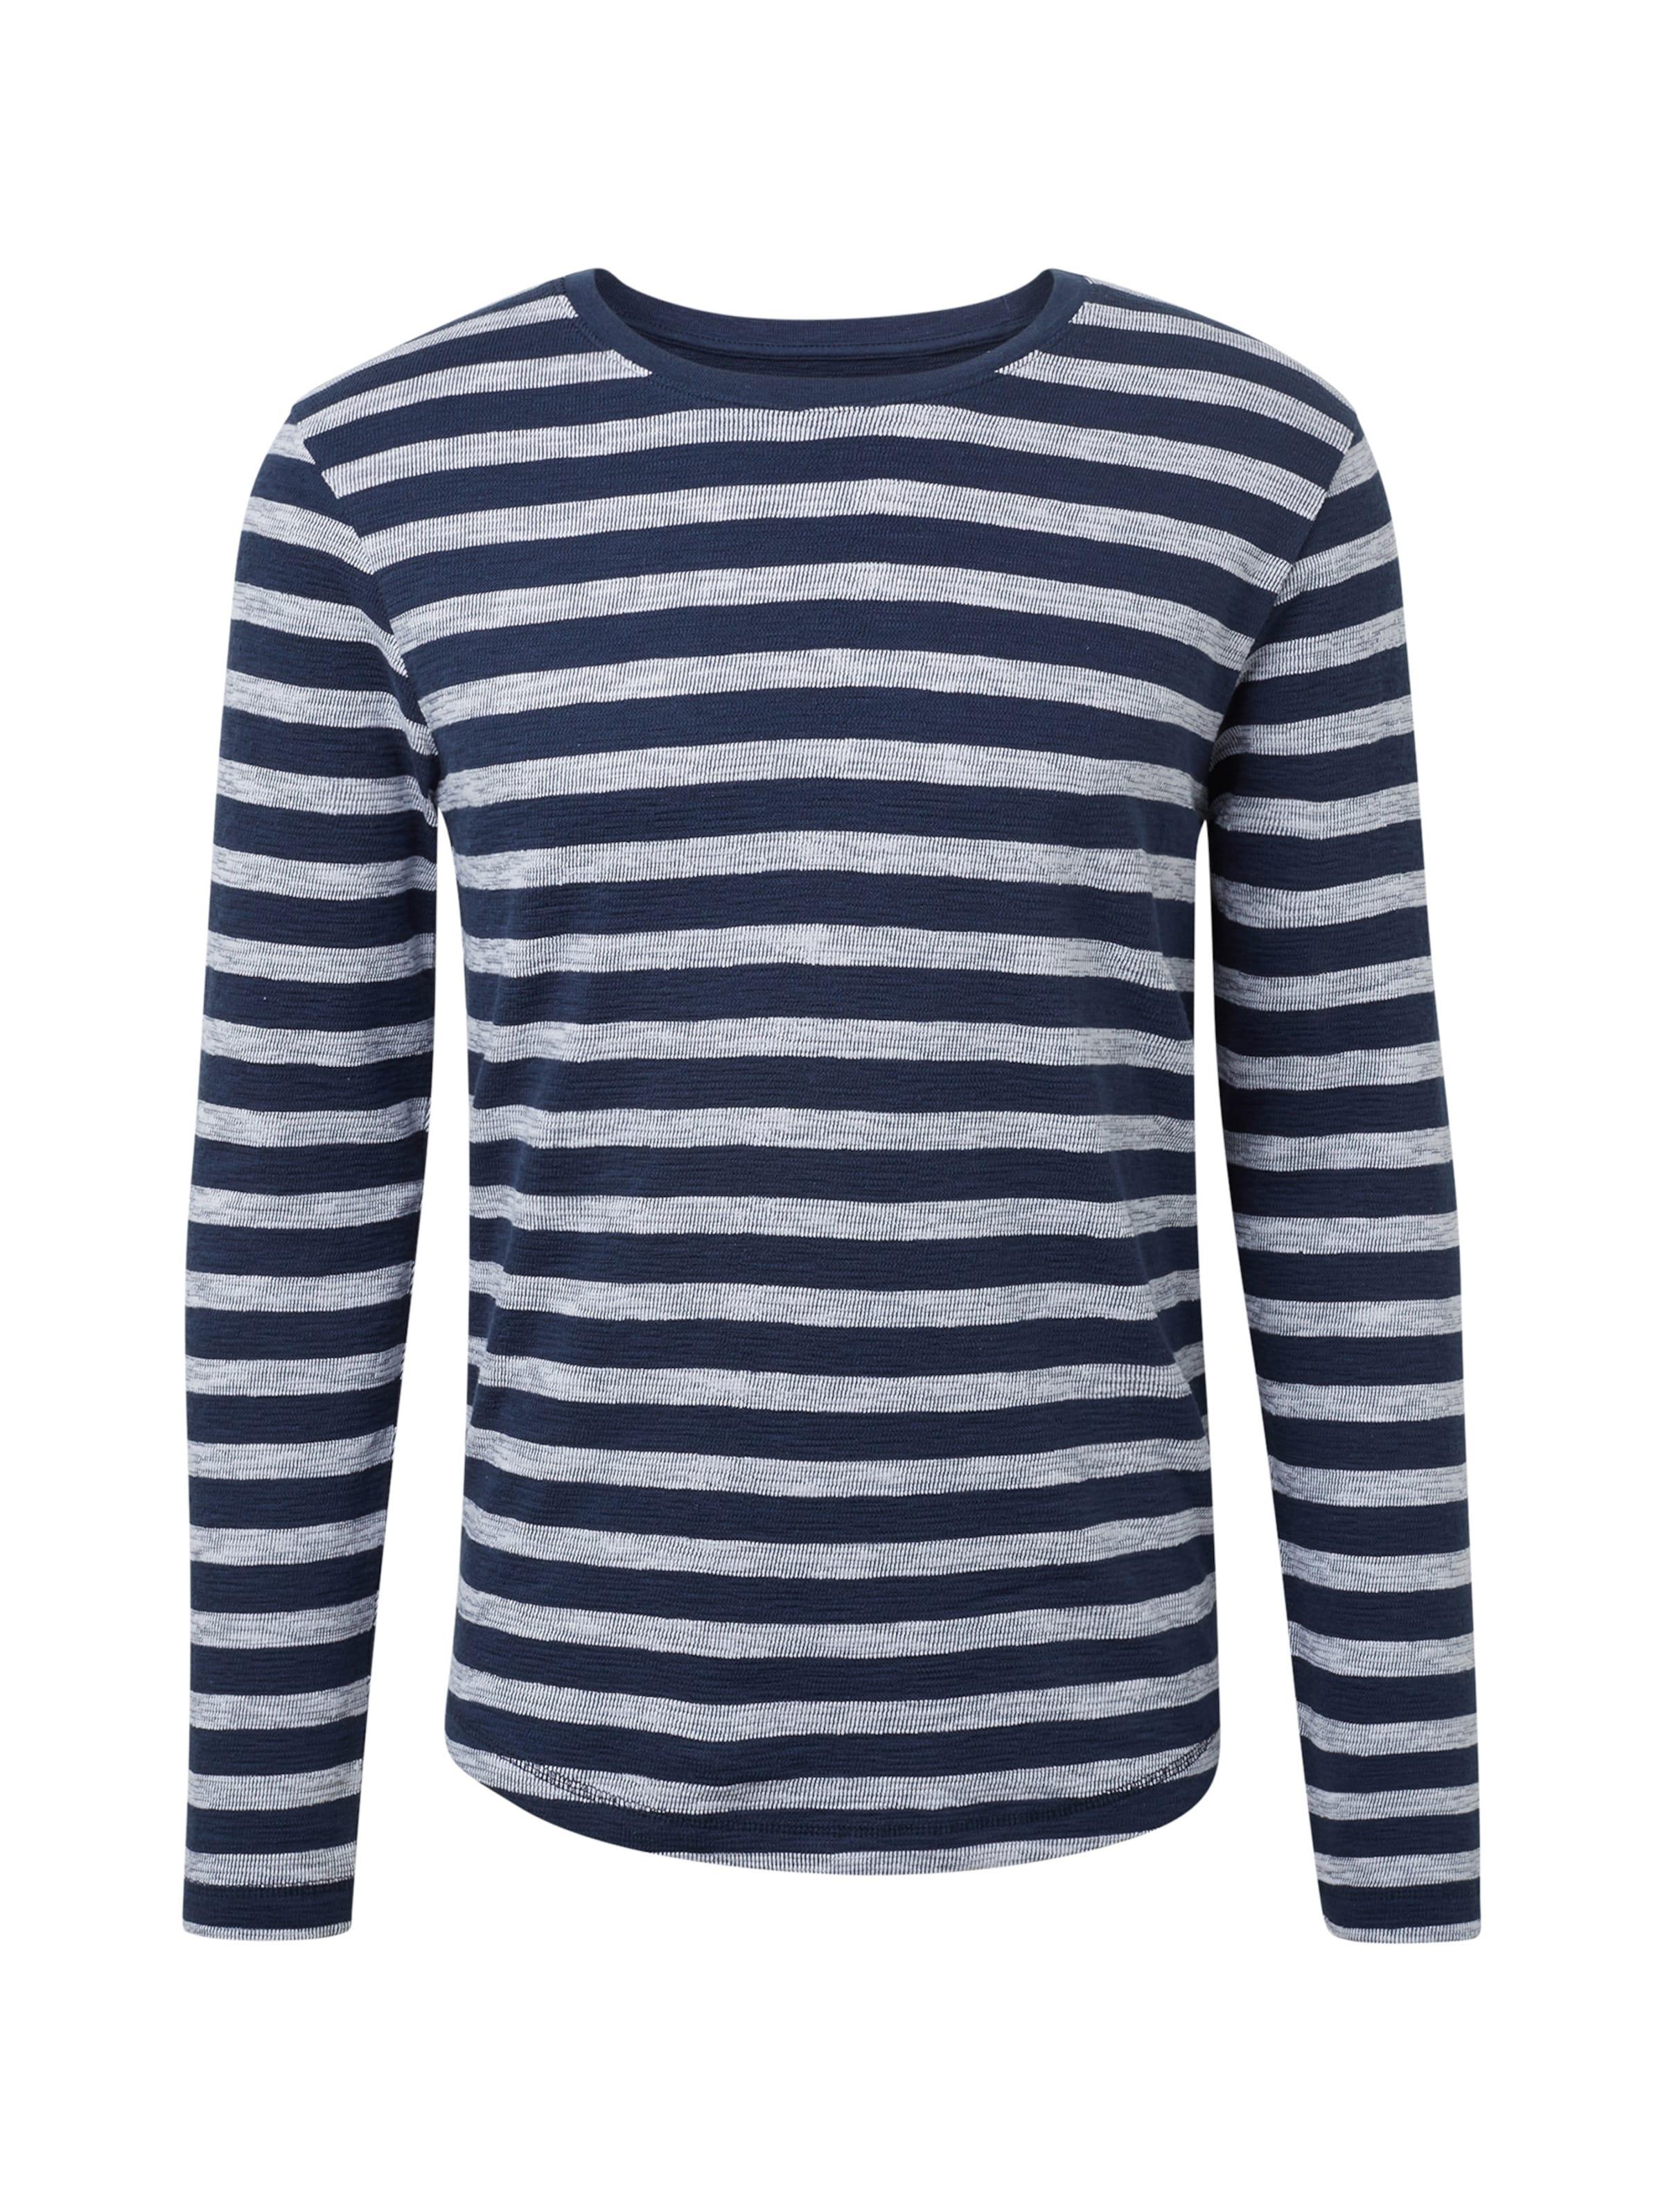 In NavyWeißmeliert T shirt Tom Tailor Denim qpSUzMV